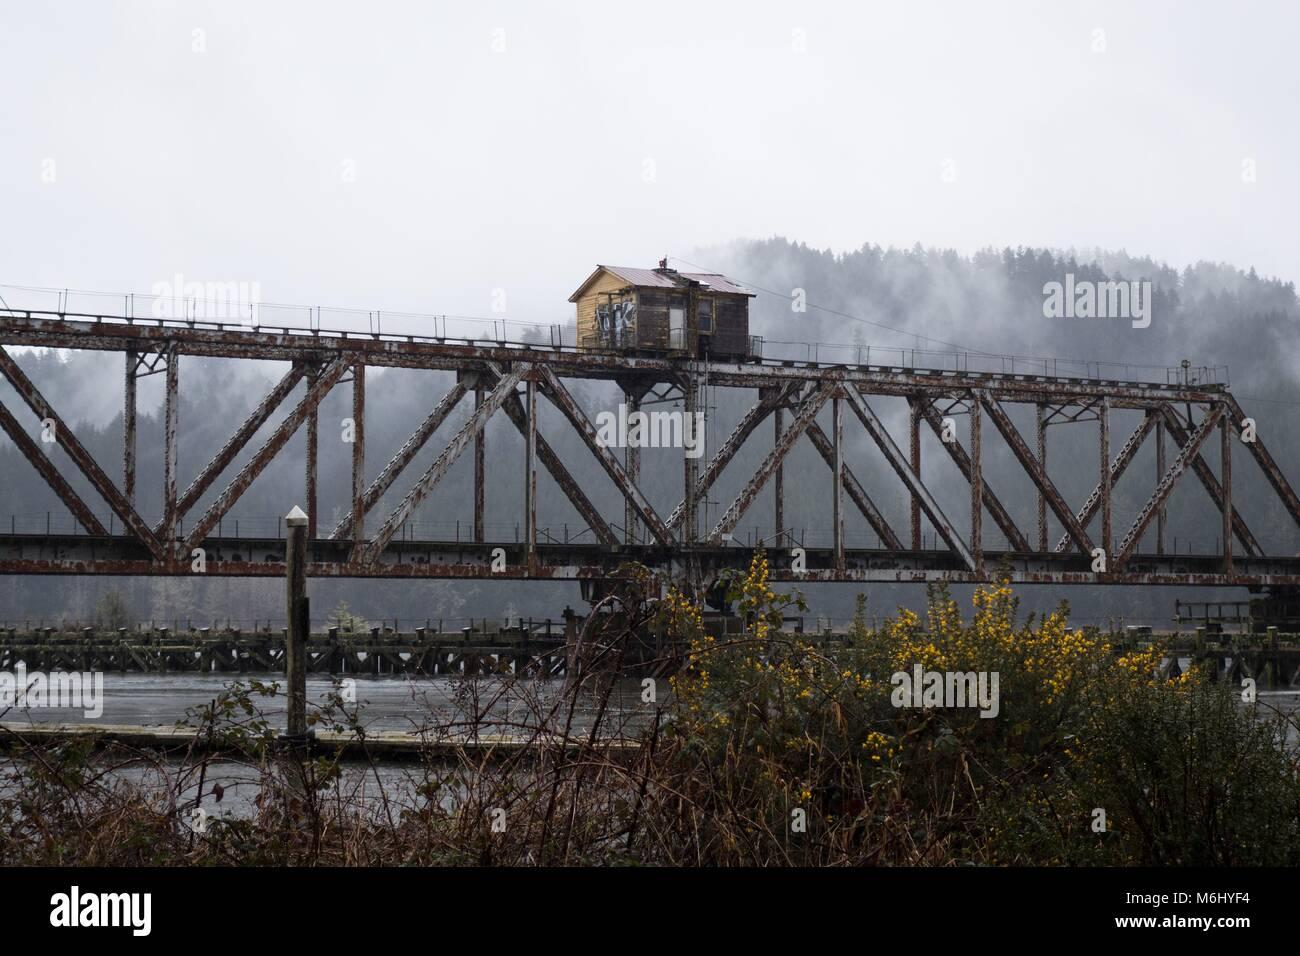 Die cushman Swing Eisenbahnbrücke in der Nähe von Florence, Oregon, USA. Stockbild